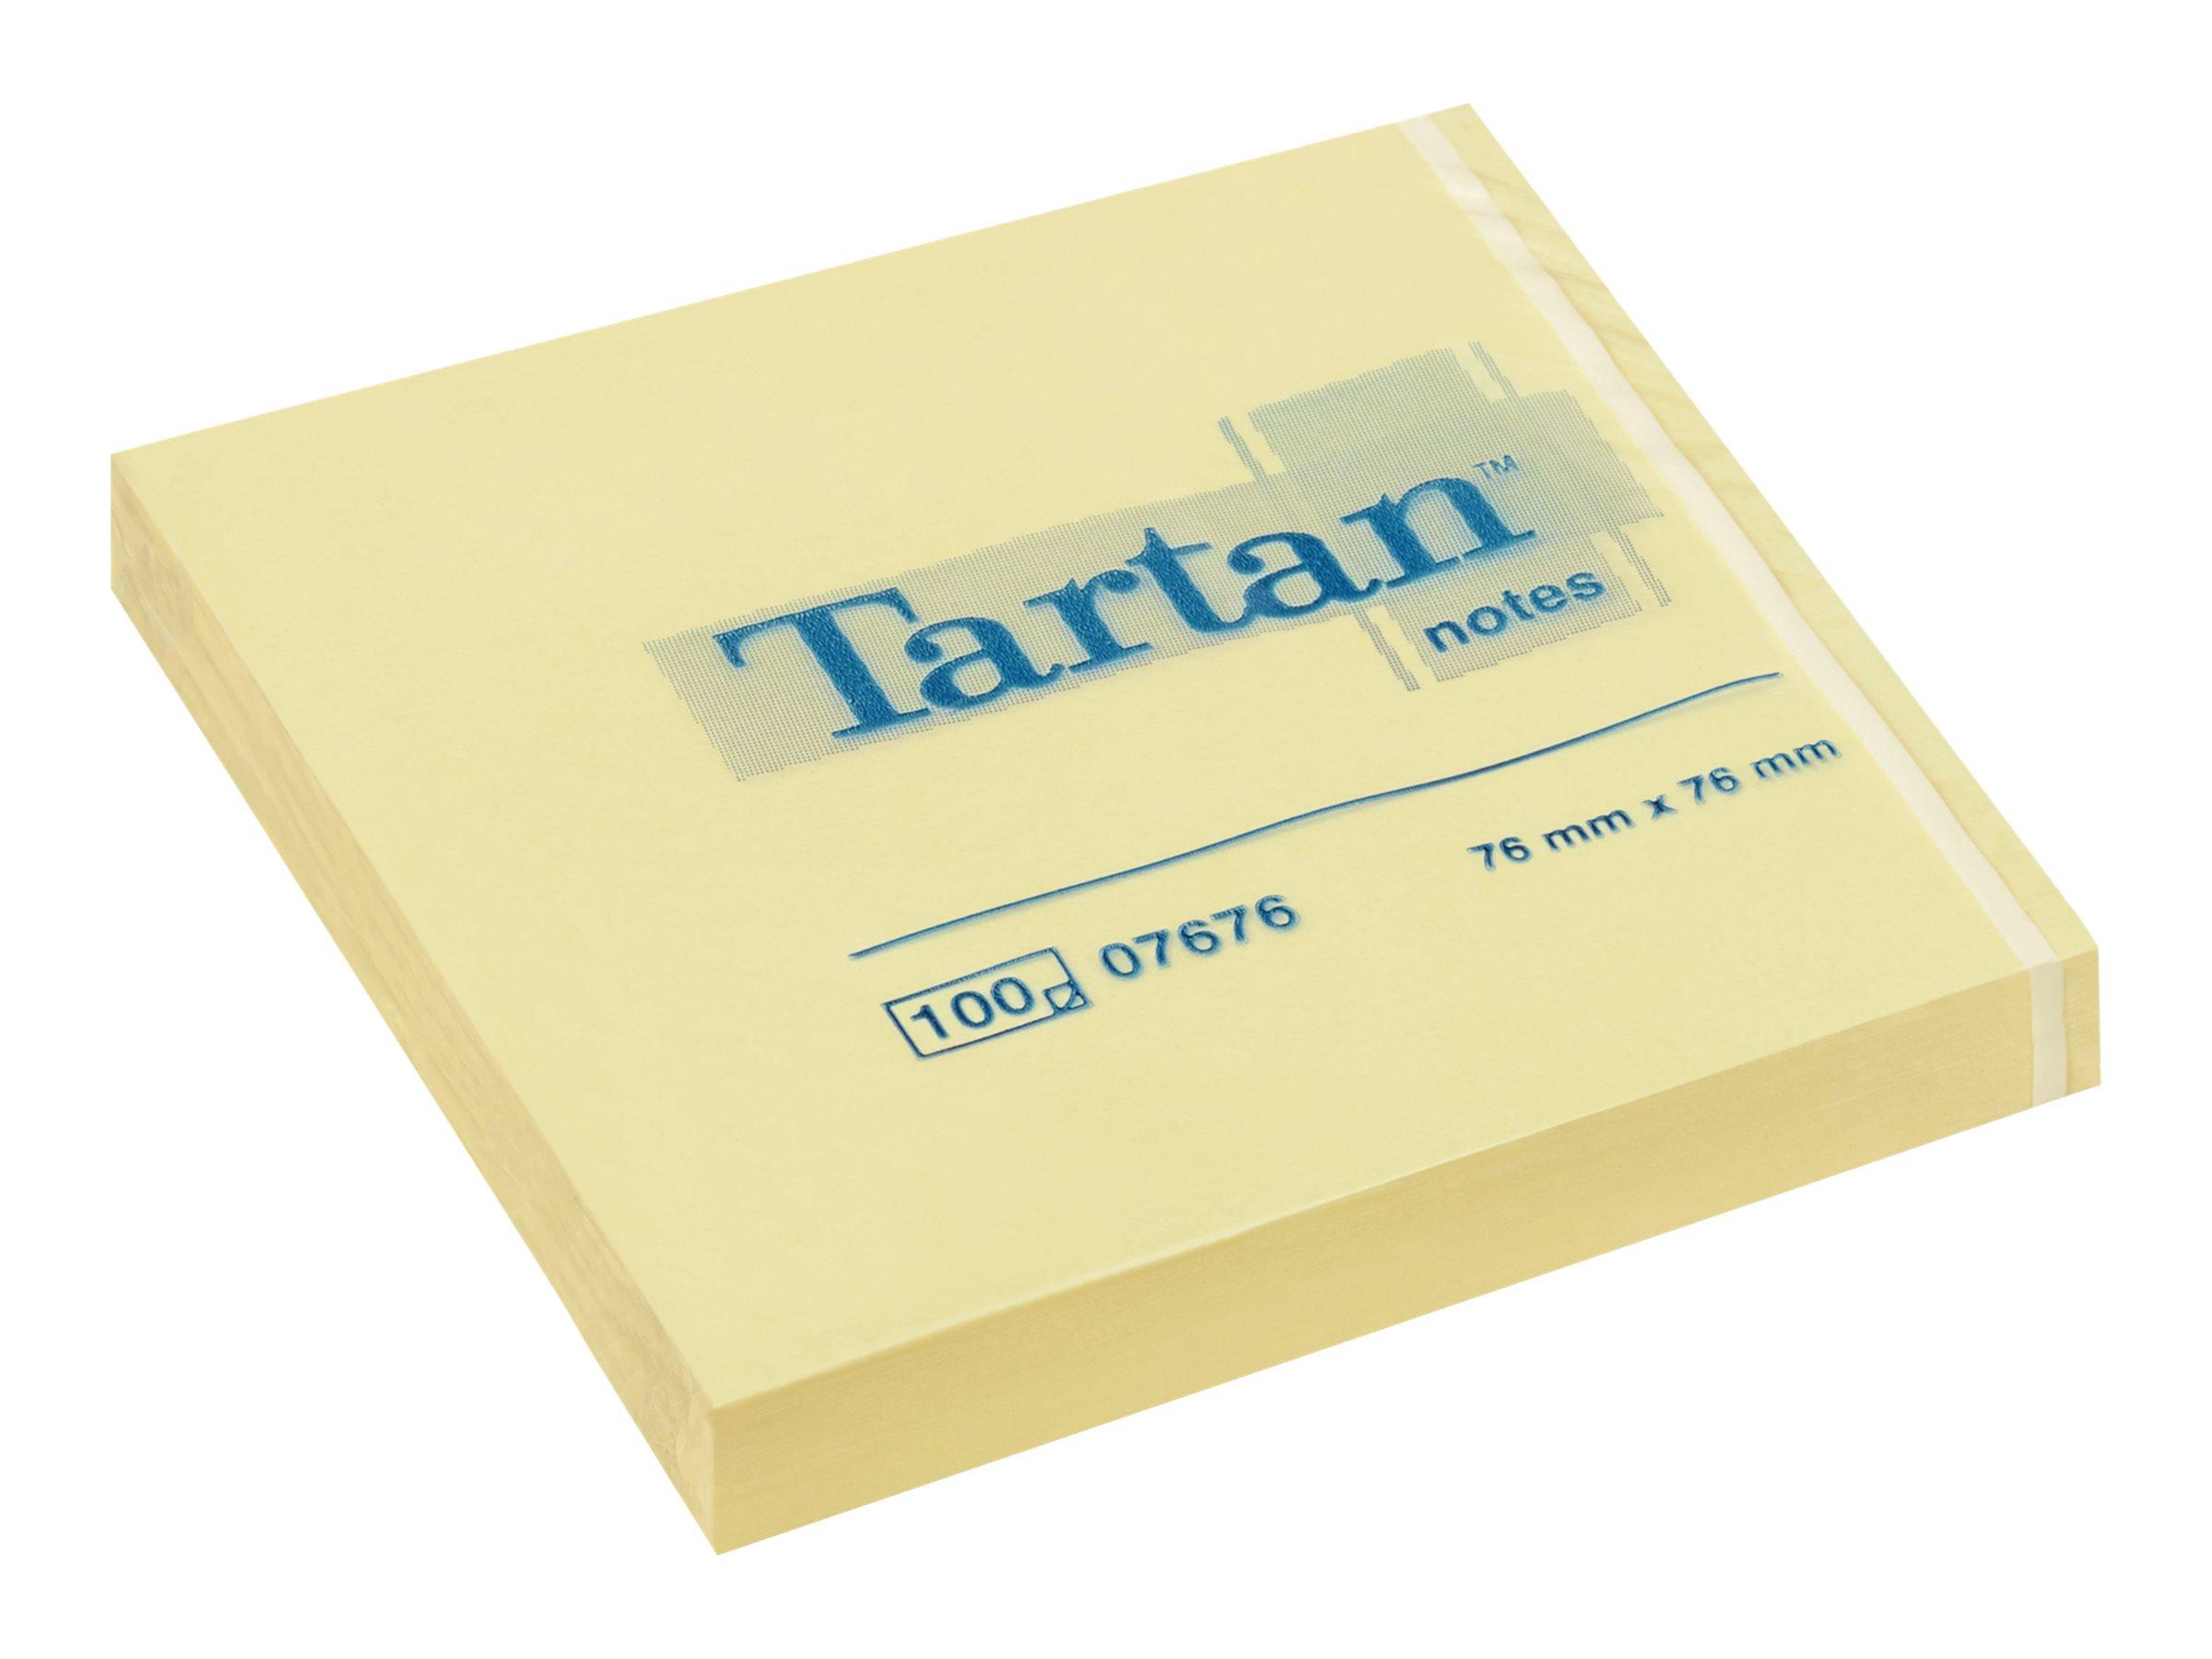 Tartan 07676 - Notes - 76 x 76 mm - 100 feuilles - jaune - à l'unité ou en lot